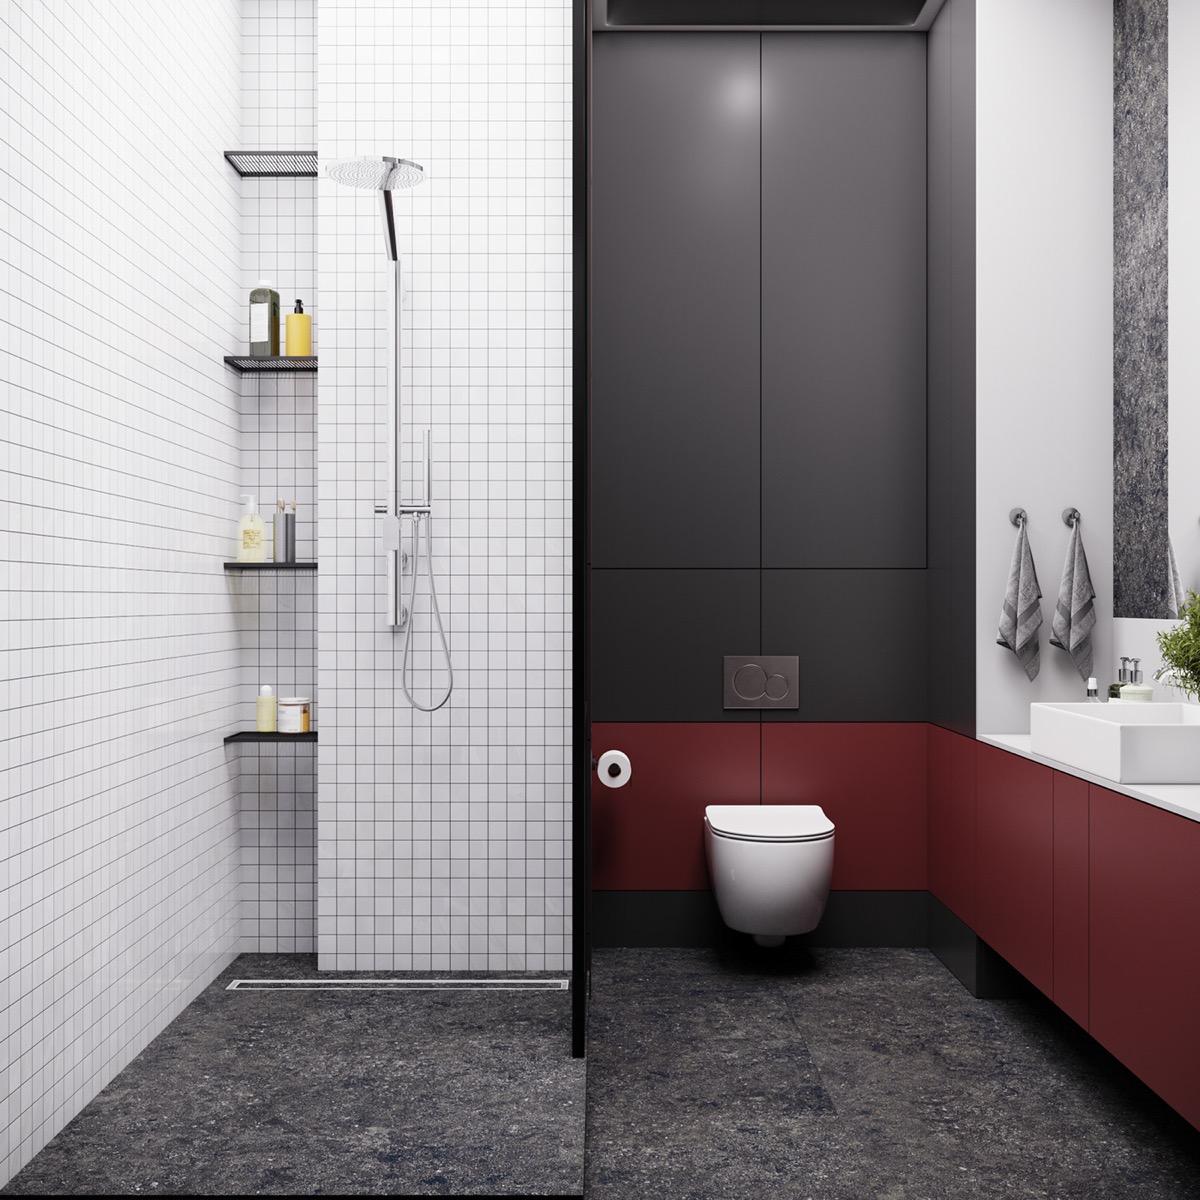 Hình ảnh phòng tắm hiện đại gồm hai khu khô - ướt tách biệt bằng cửa kính trượt.